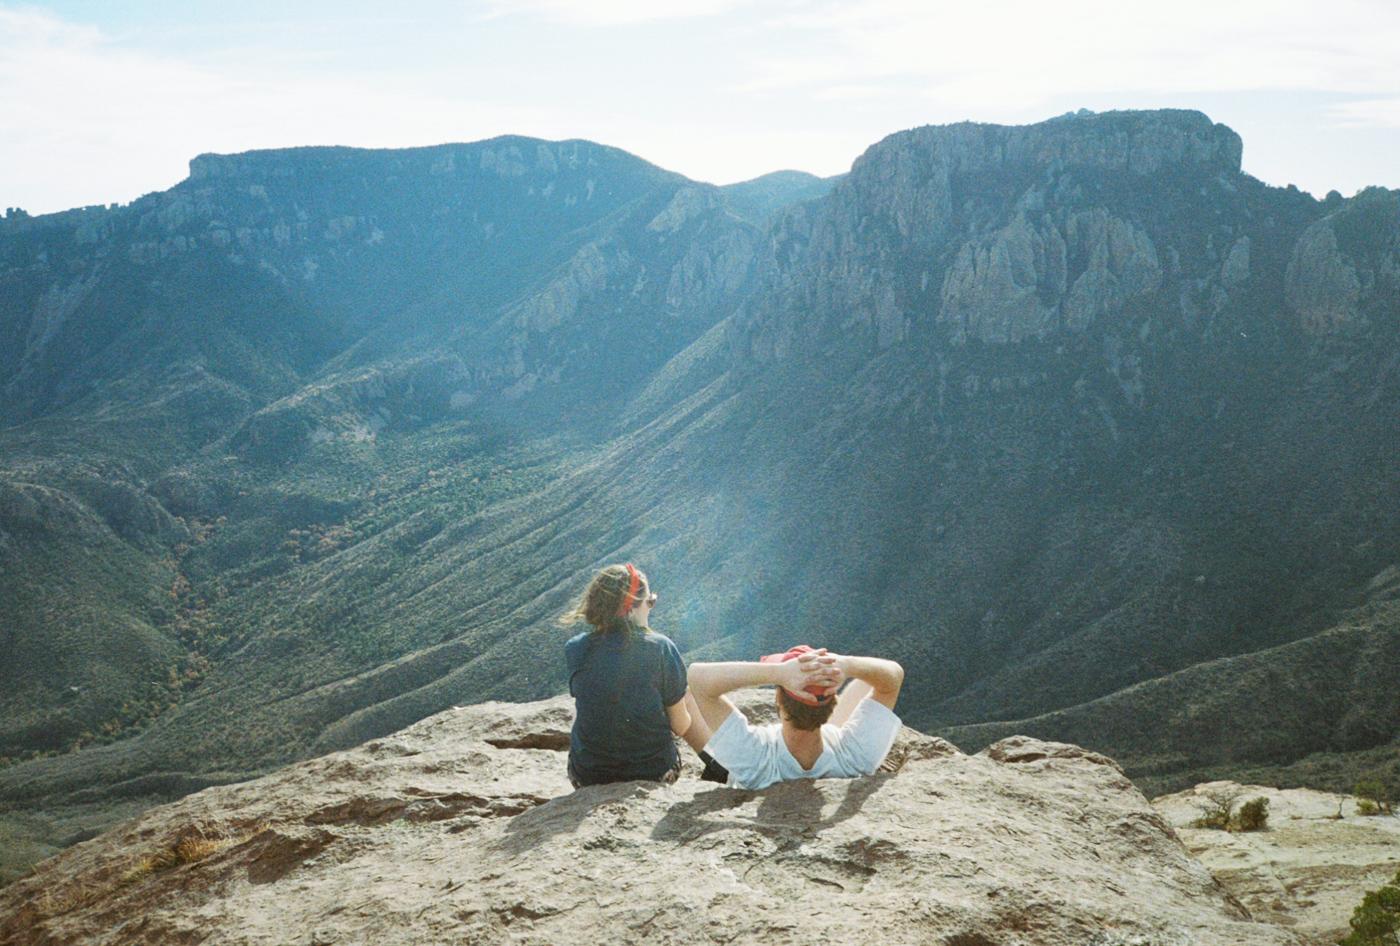 film 35mm lomo olympus hike camp big bend texas america yall pawlowski lost mine